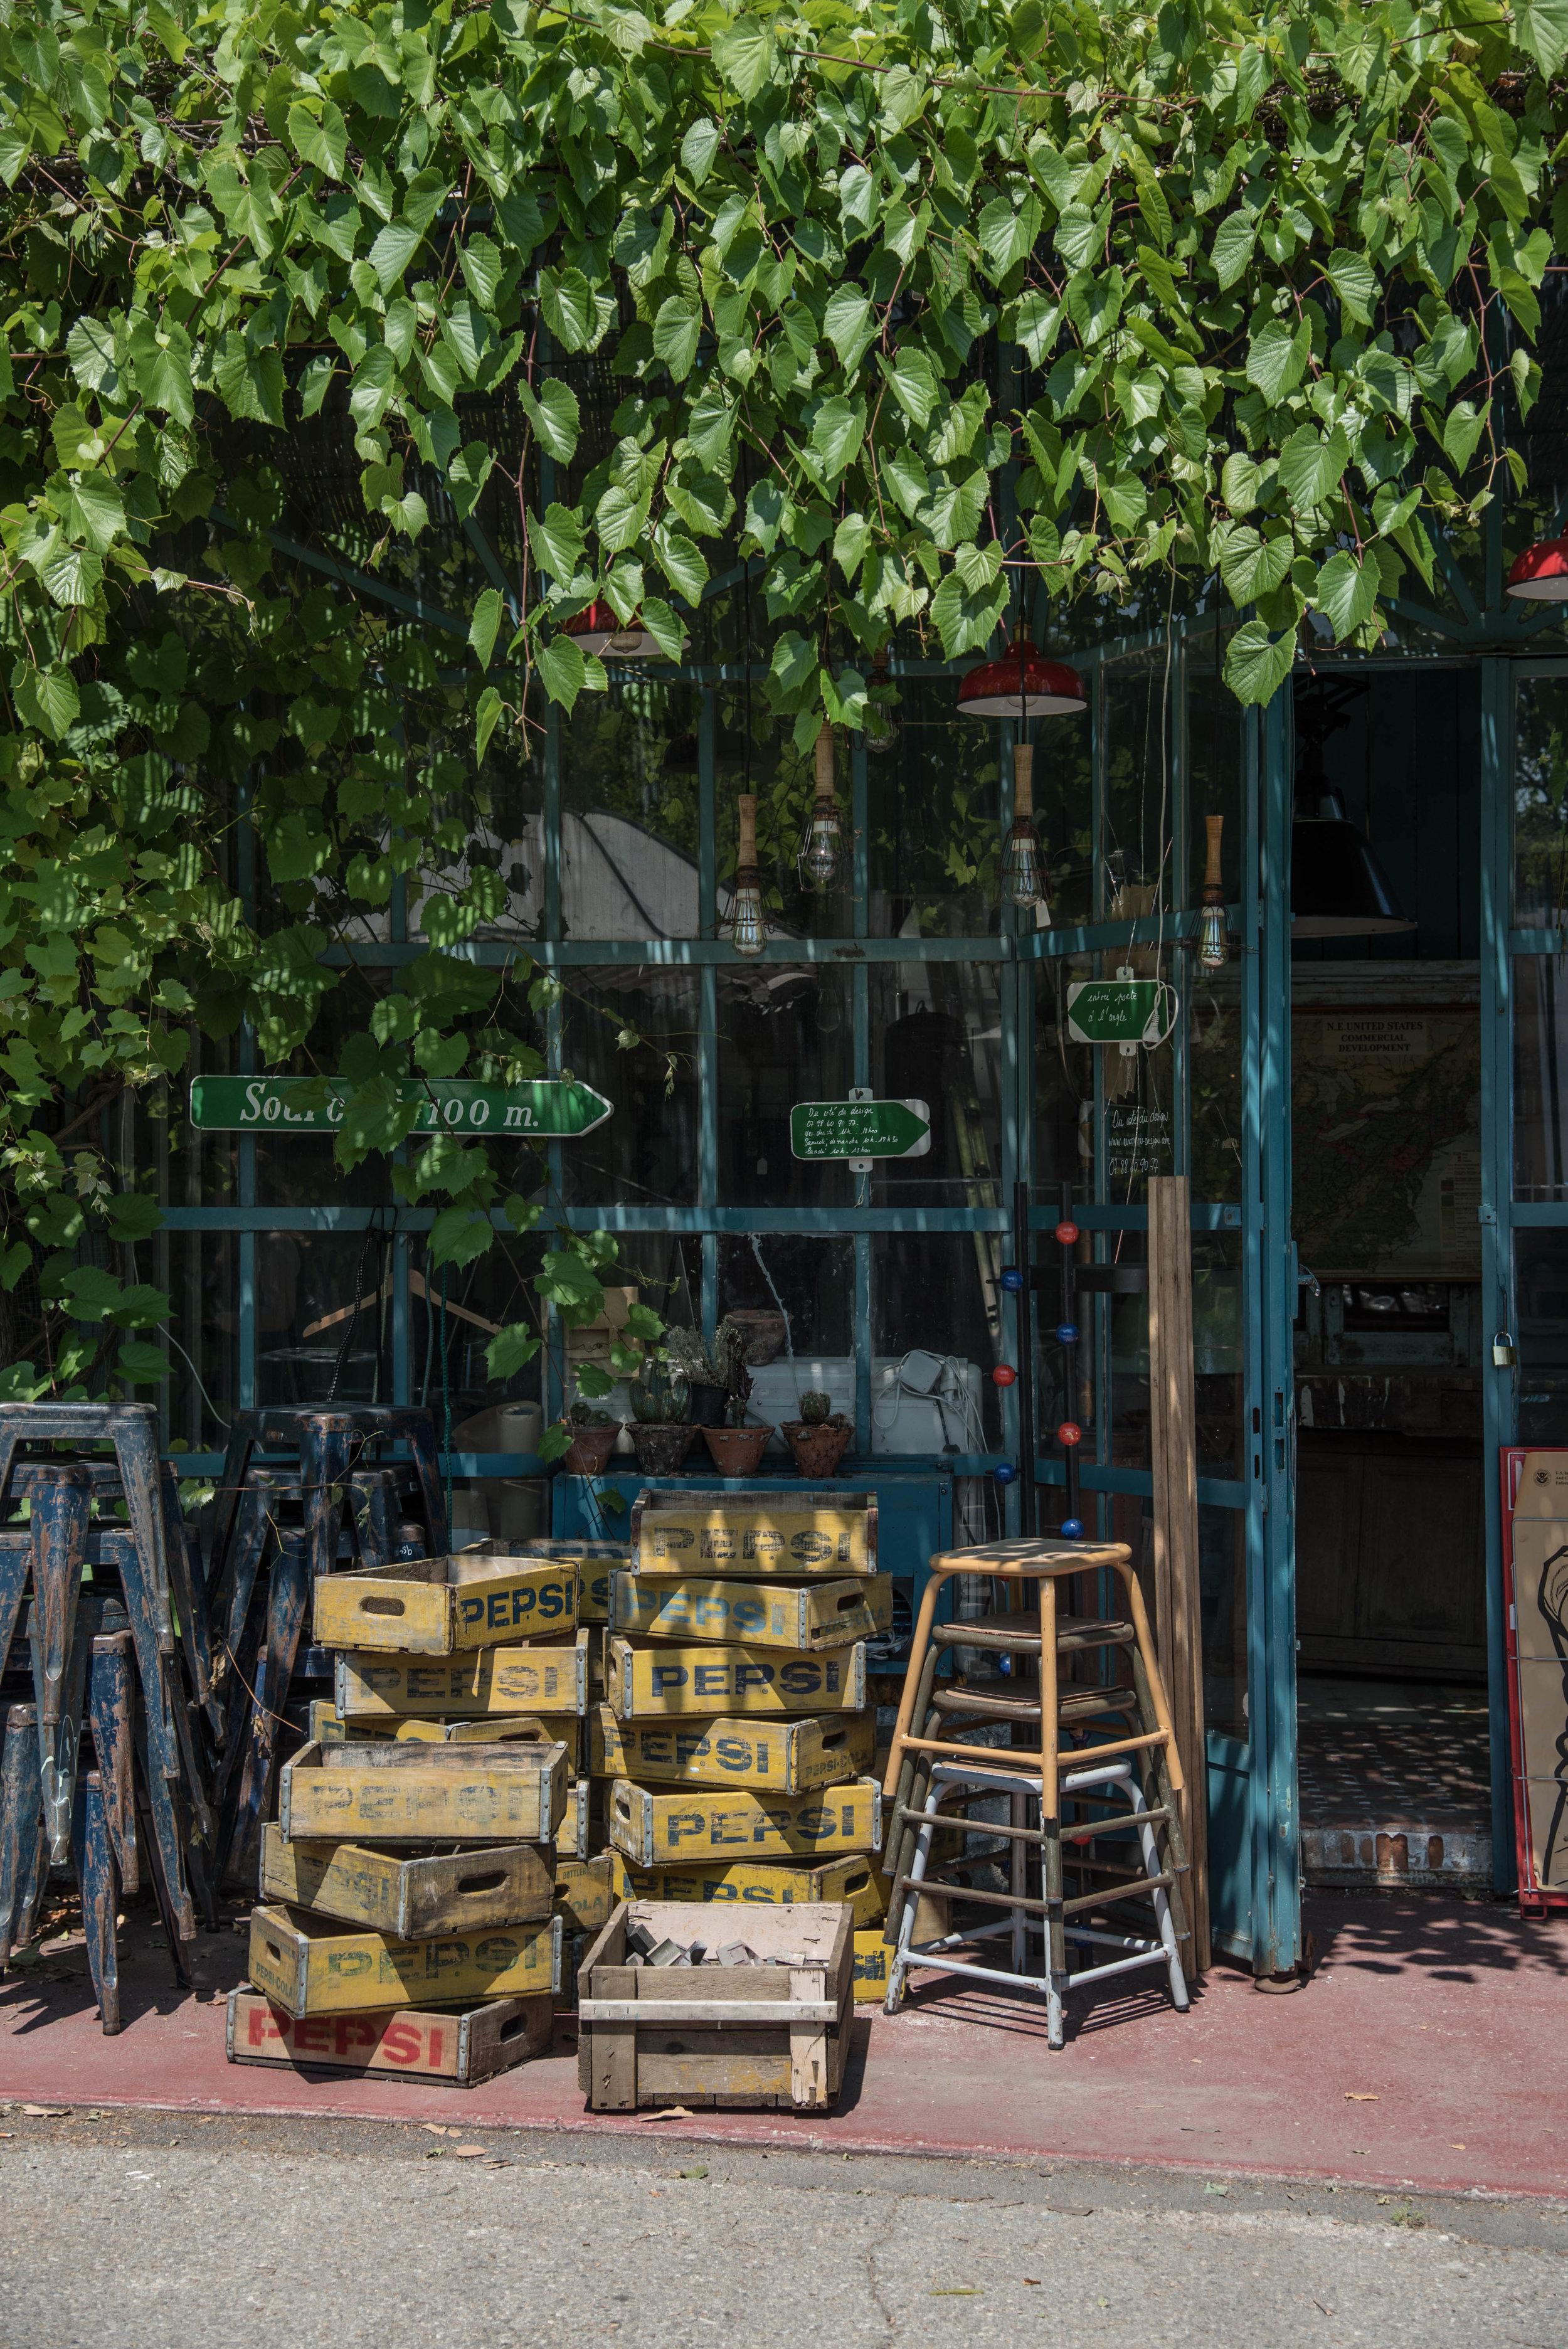 A must visit, Du Cote du Design Shop, in town that brims with design inspiration.